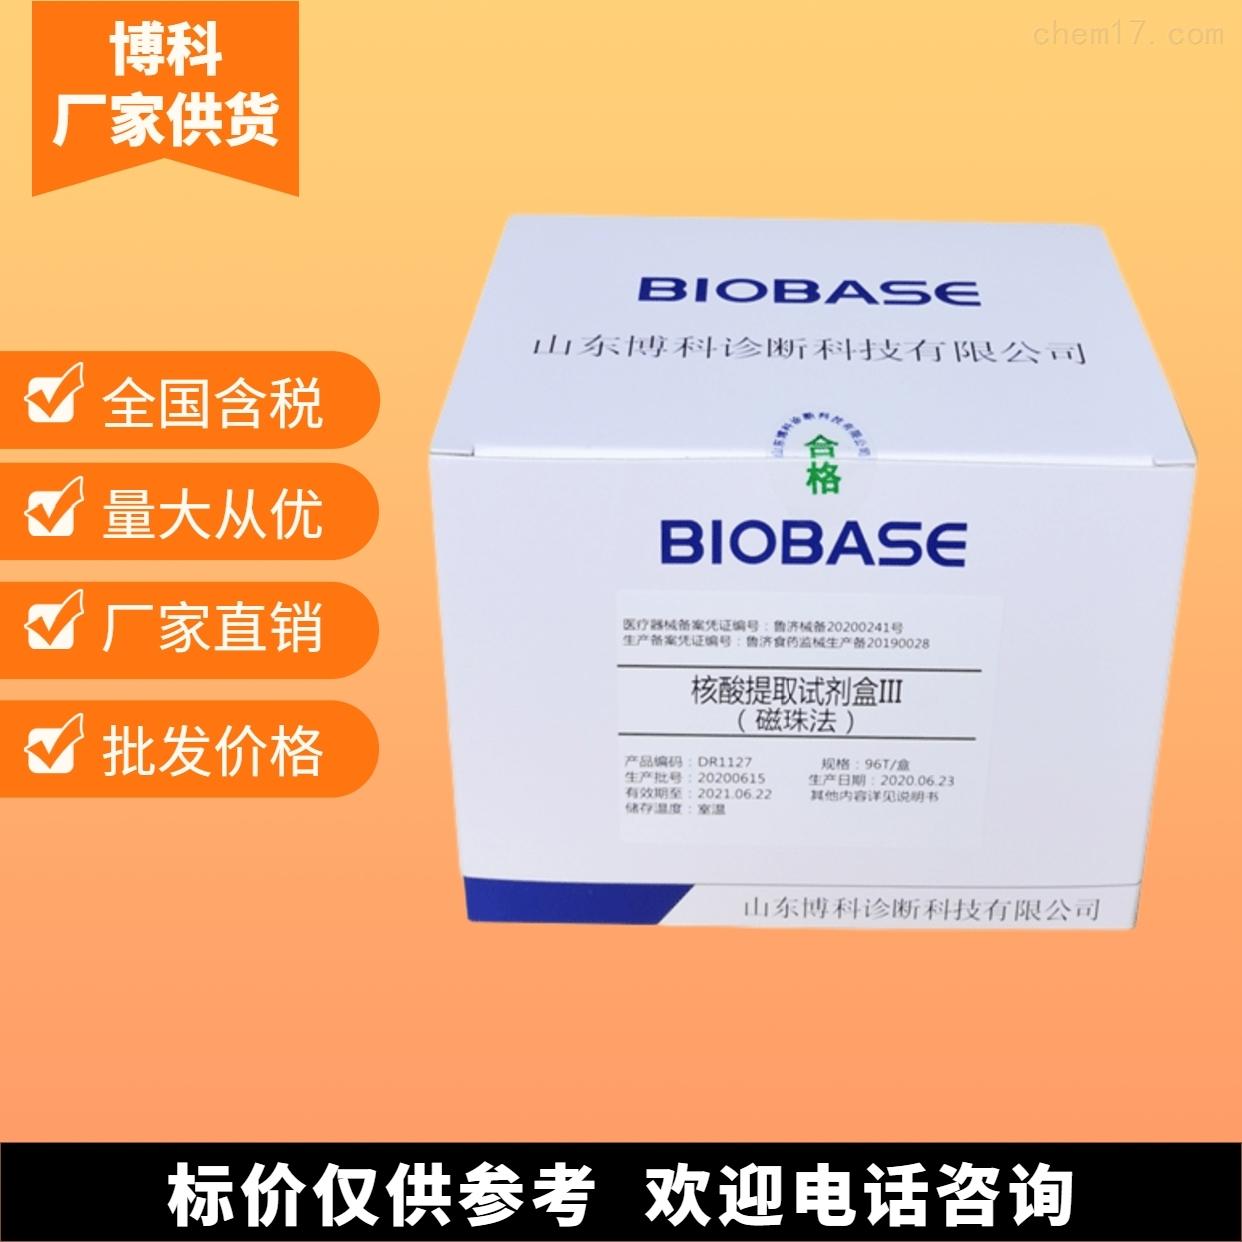 核酸提取试剂盒Ⅳ